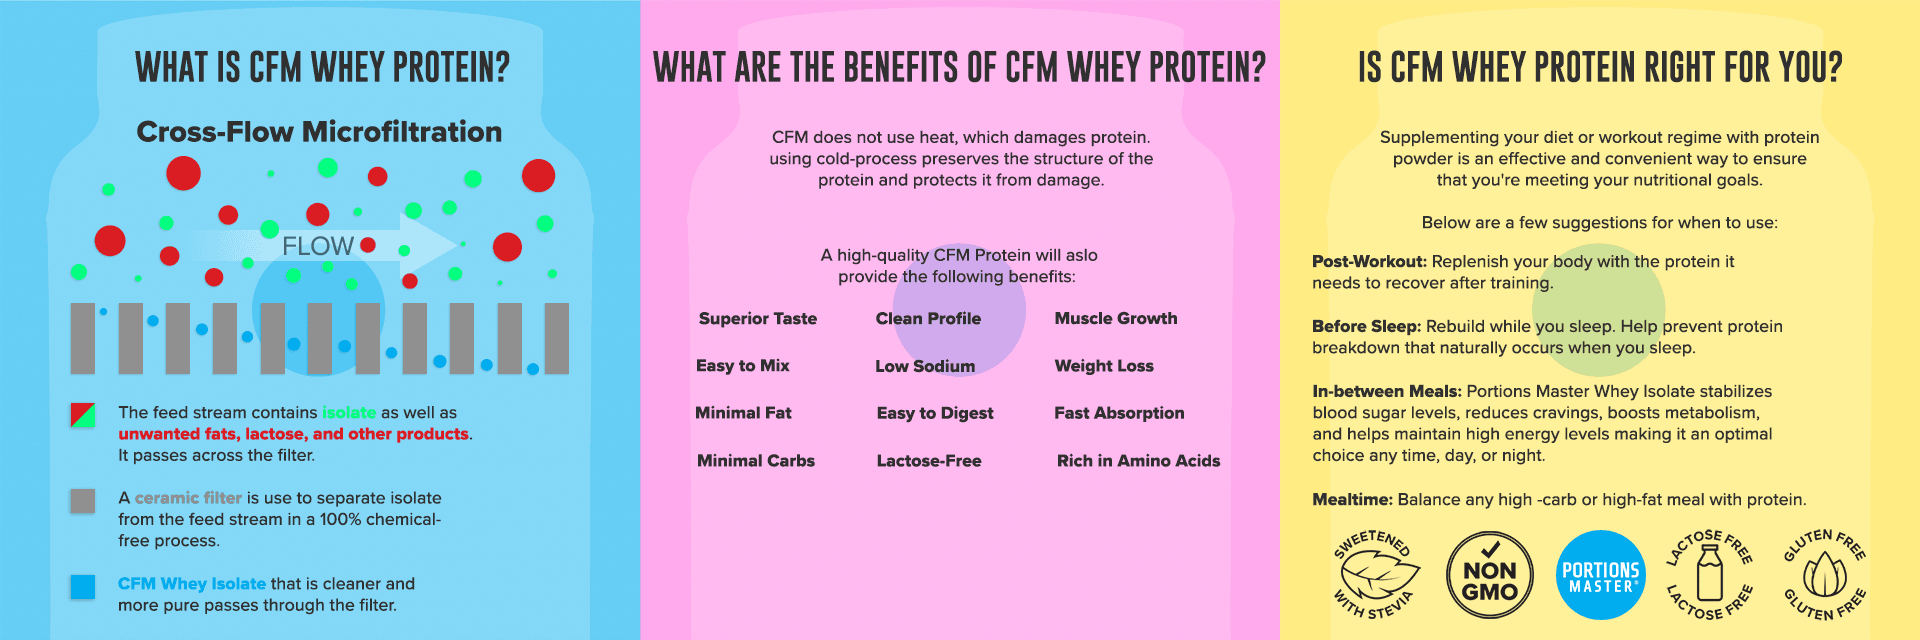 cfm whey protein benefits